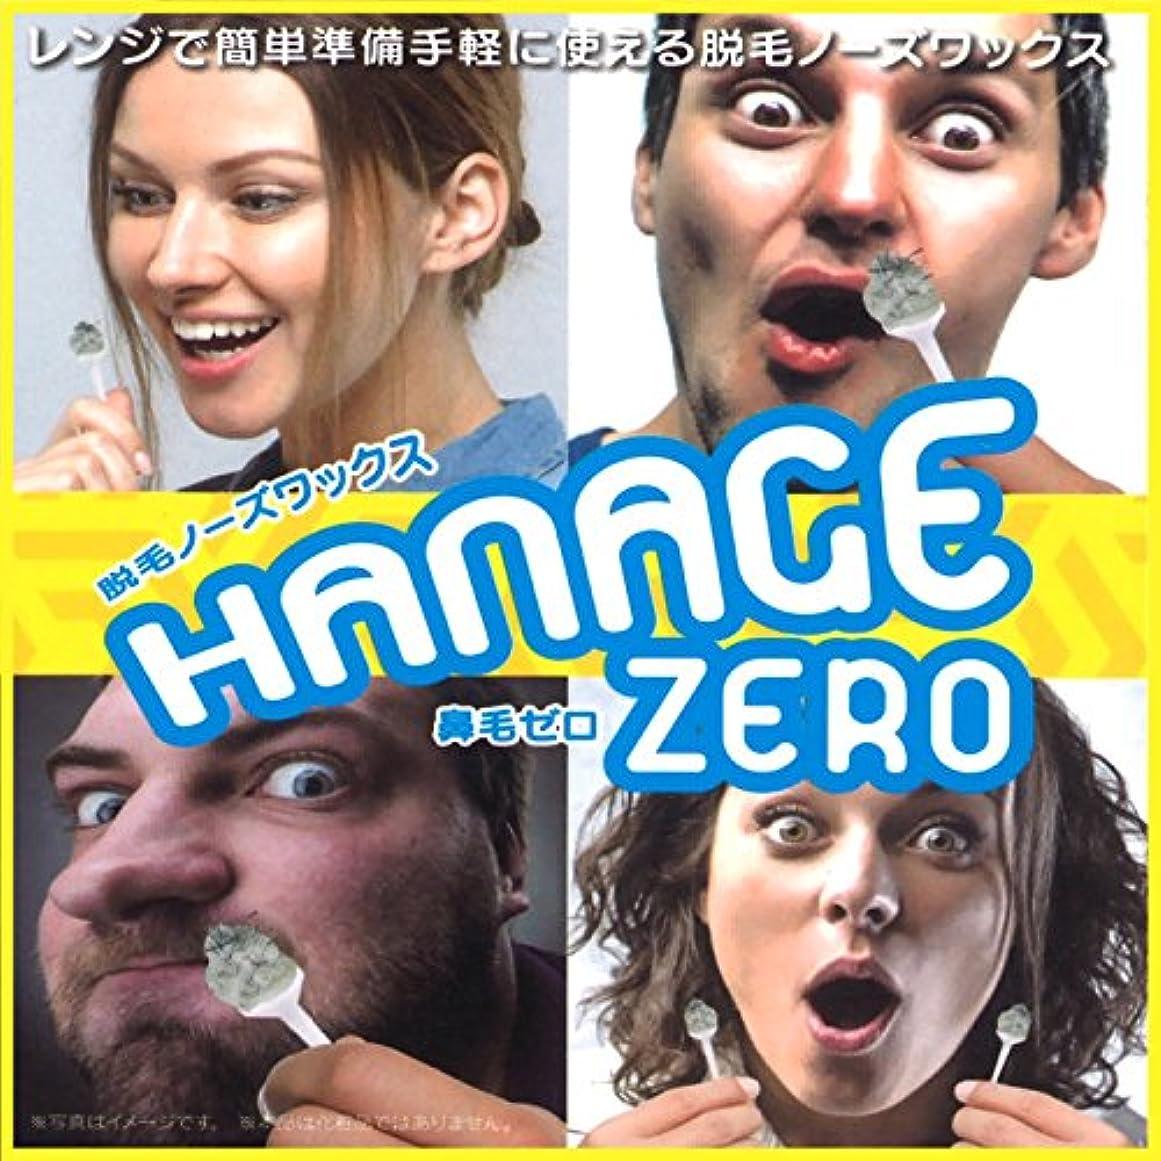 品取り組む受粉者お得セット 脱毛ノーズワックス HANAGE ZERO 鼻毛ゼロ 両鼻穴 10回分 (5)